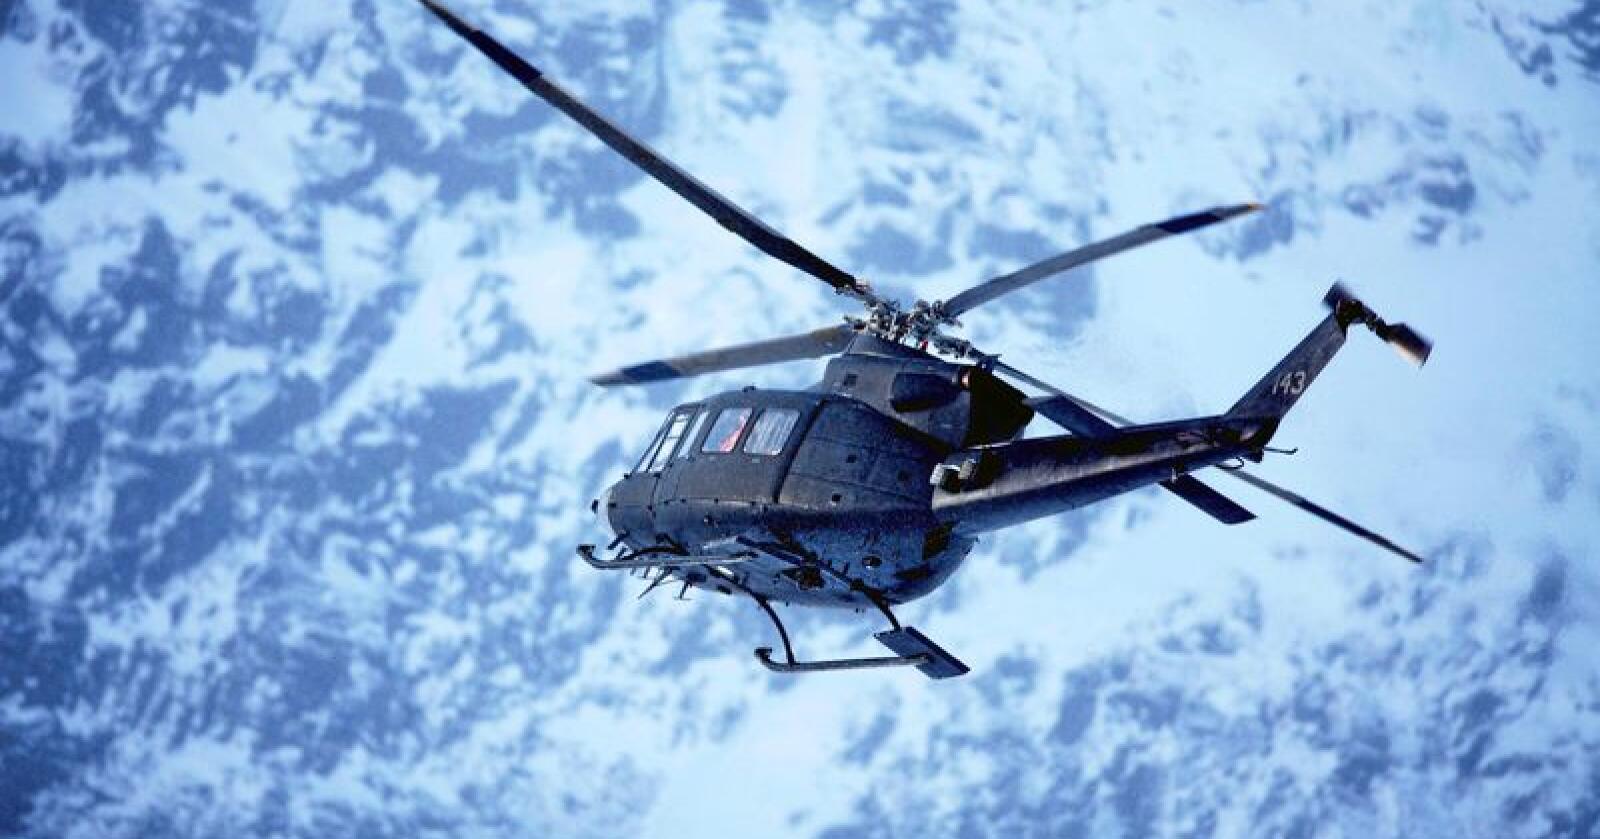 Bell-helikopterne er viktige for å bistå i den sivilie beredskapen, mener Arbeiderpartiet. Her fra 2012 hvor et norsk helikopter også var med i søket etter en flyulykke ved Kebnekaise i Sverige. Foto: Stian Lysberg Solum / Scanpix